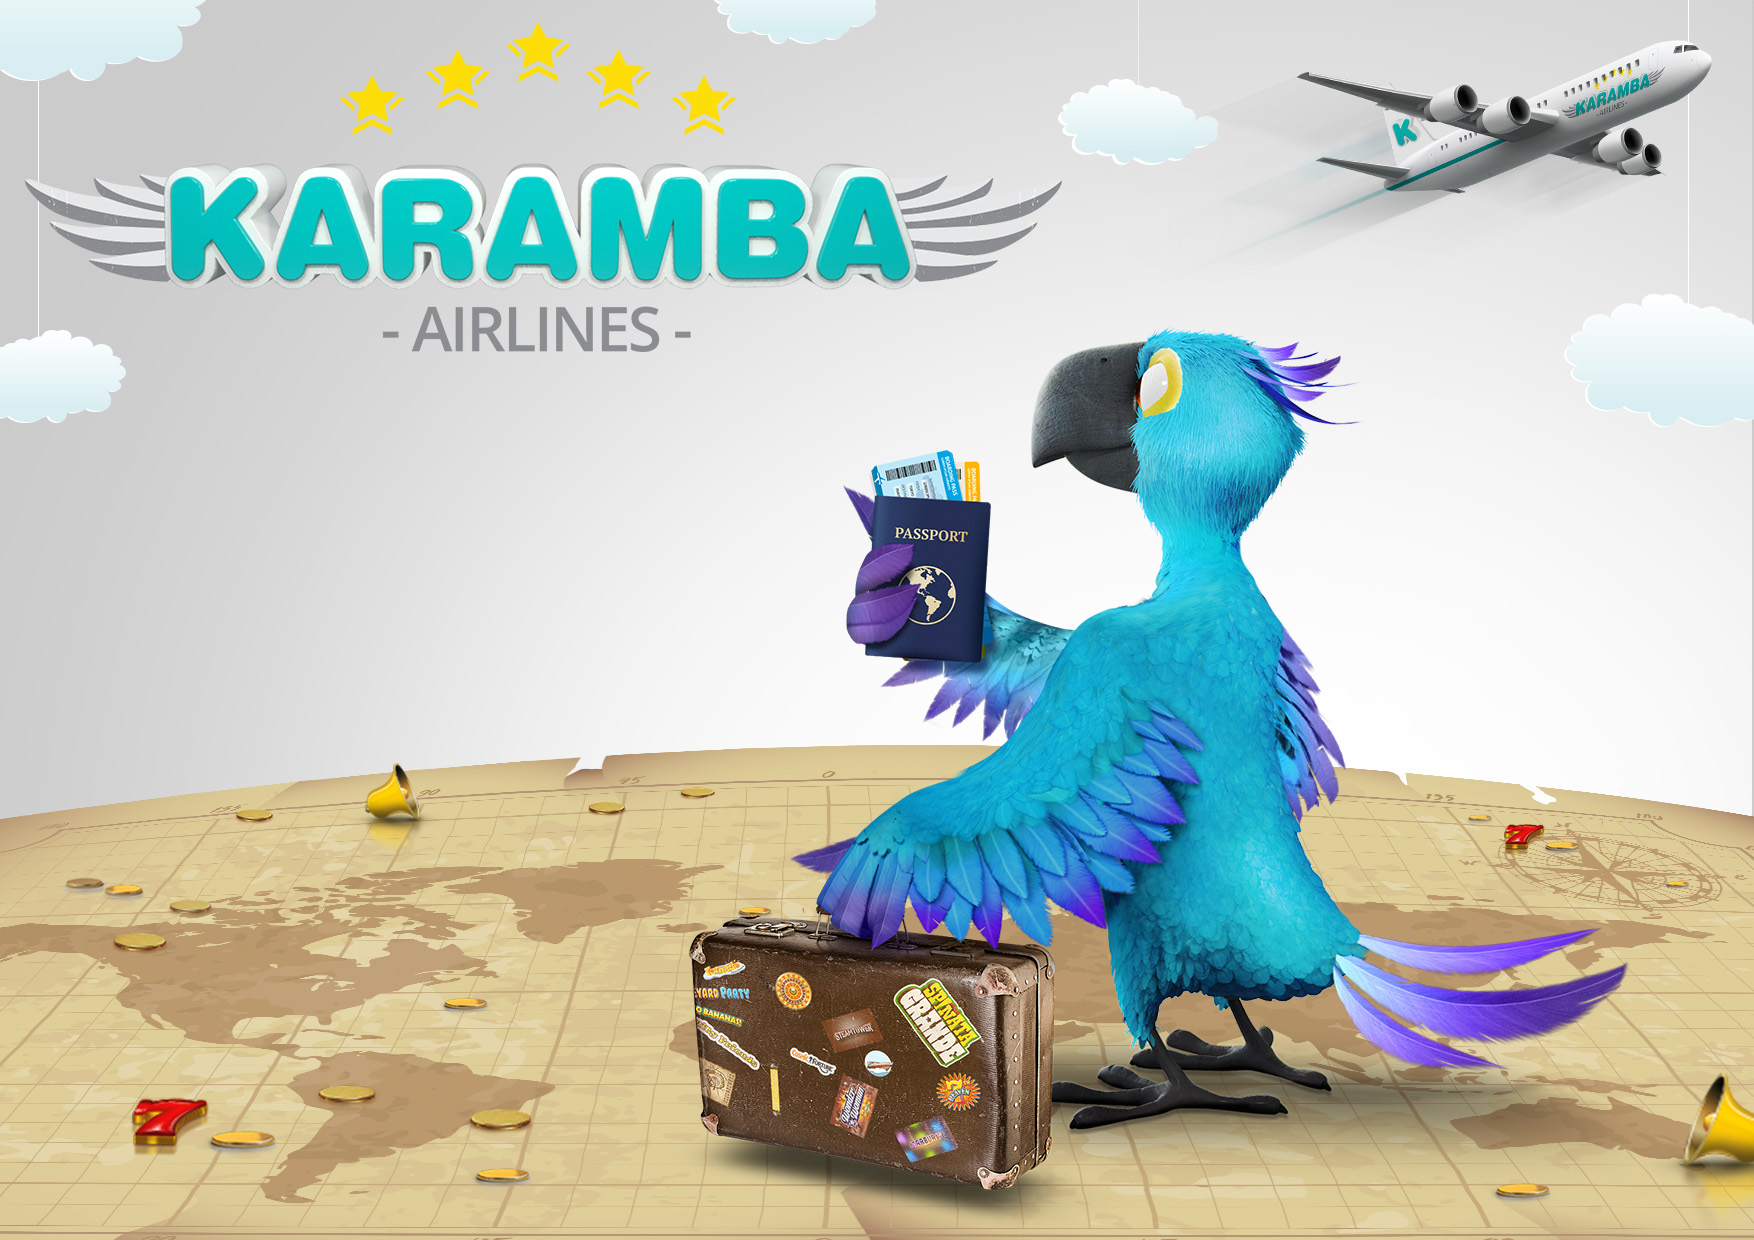 Karmba